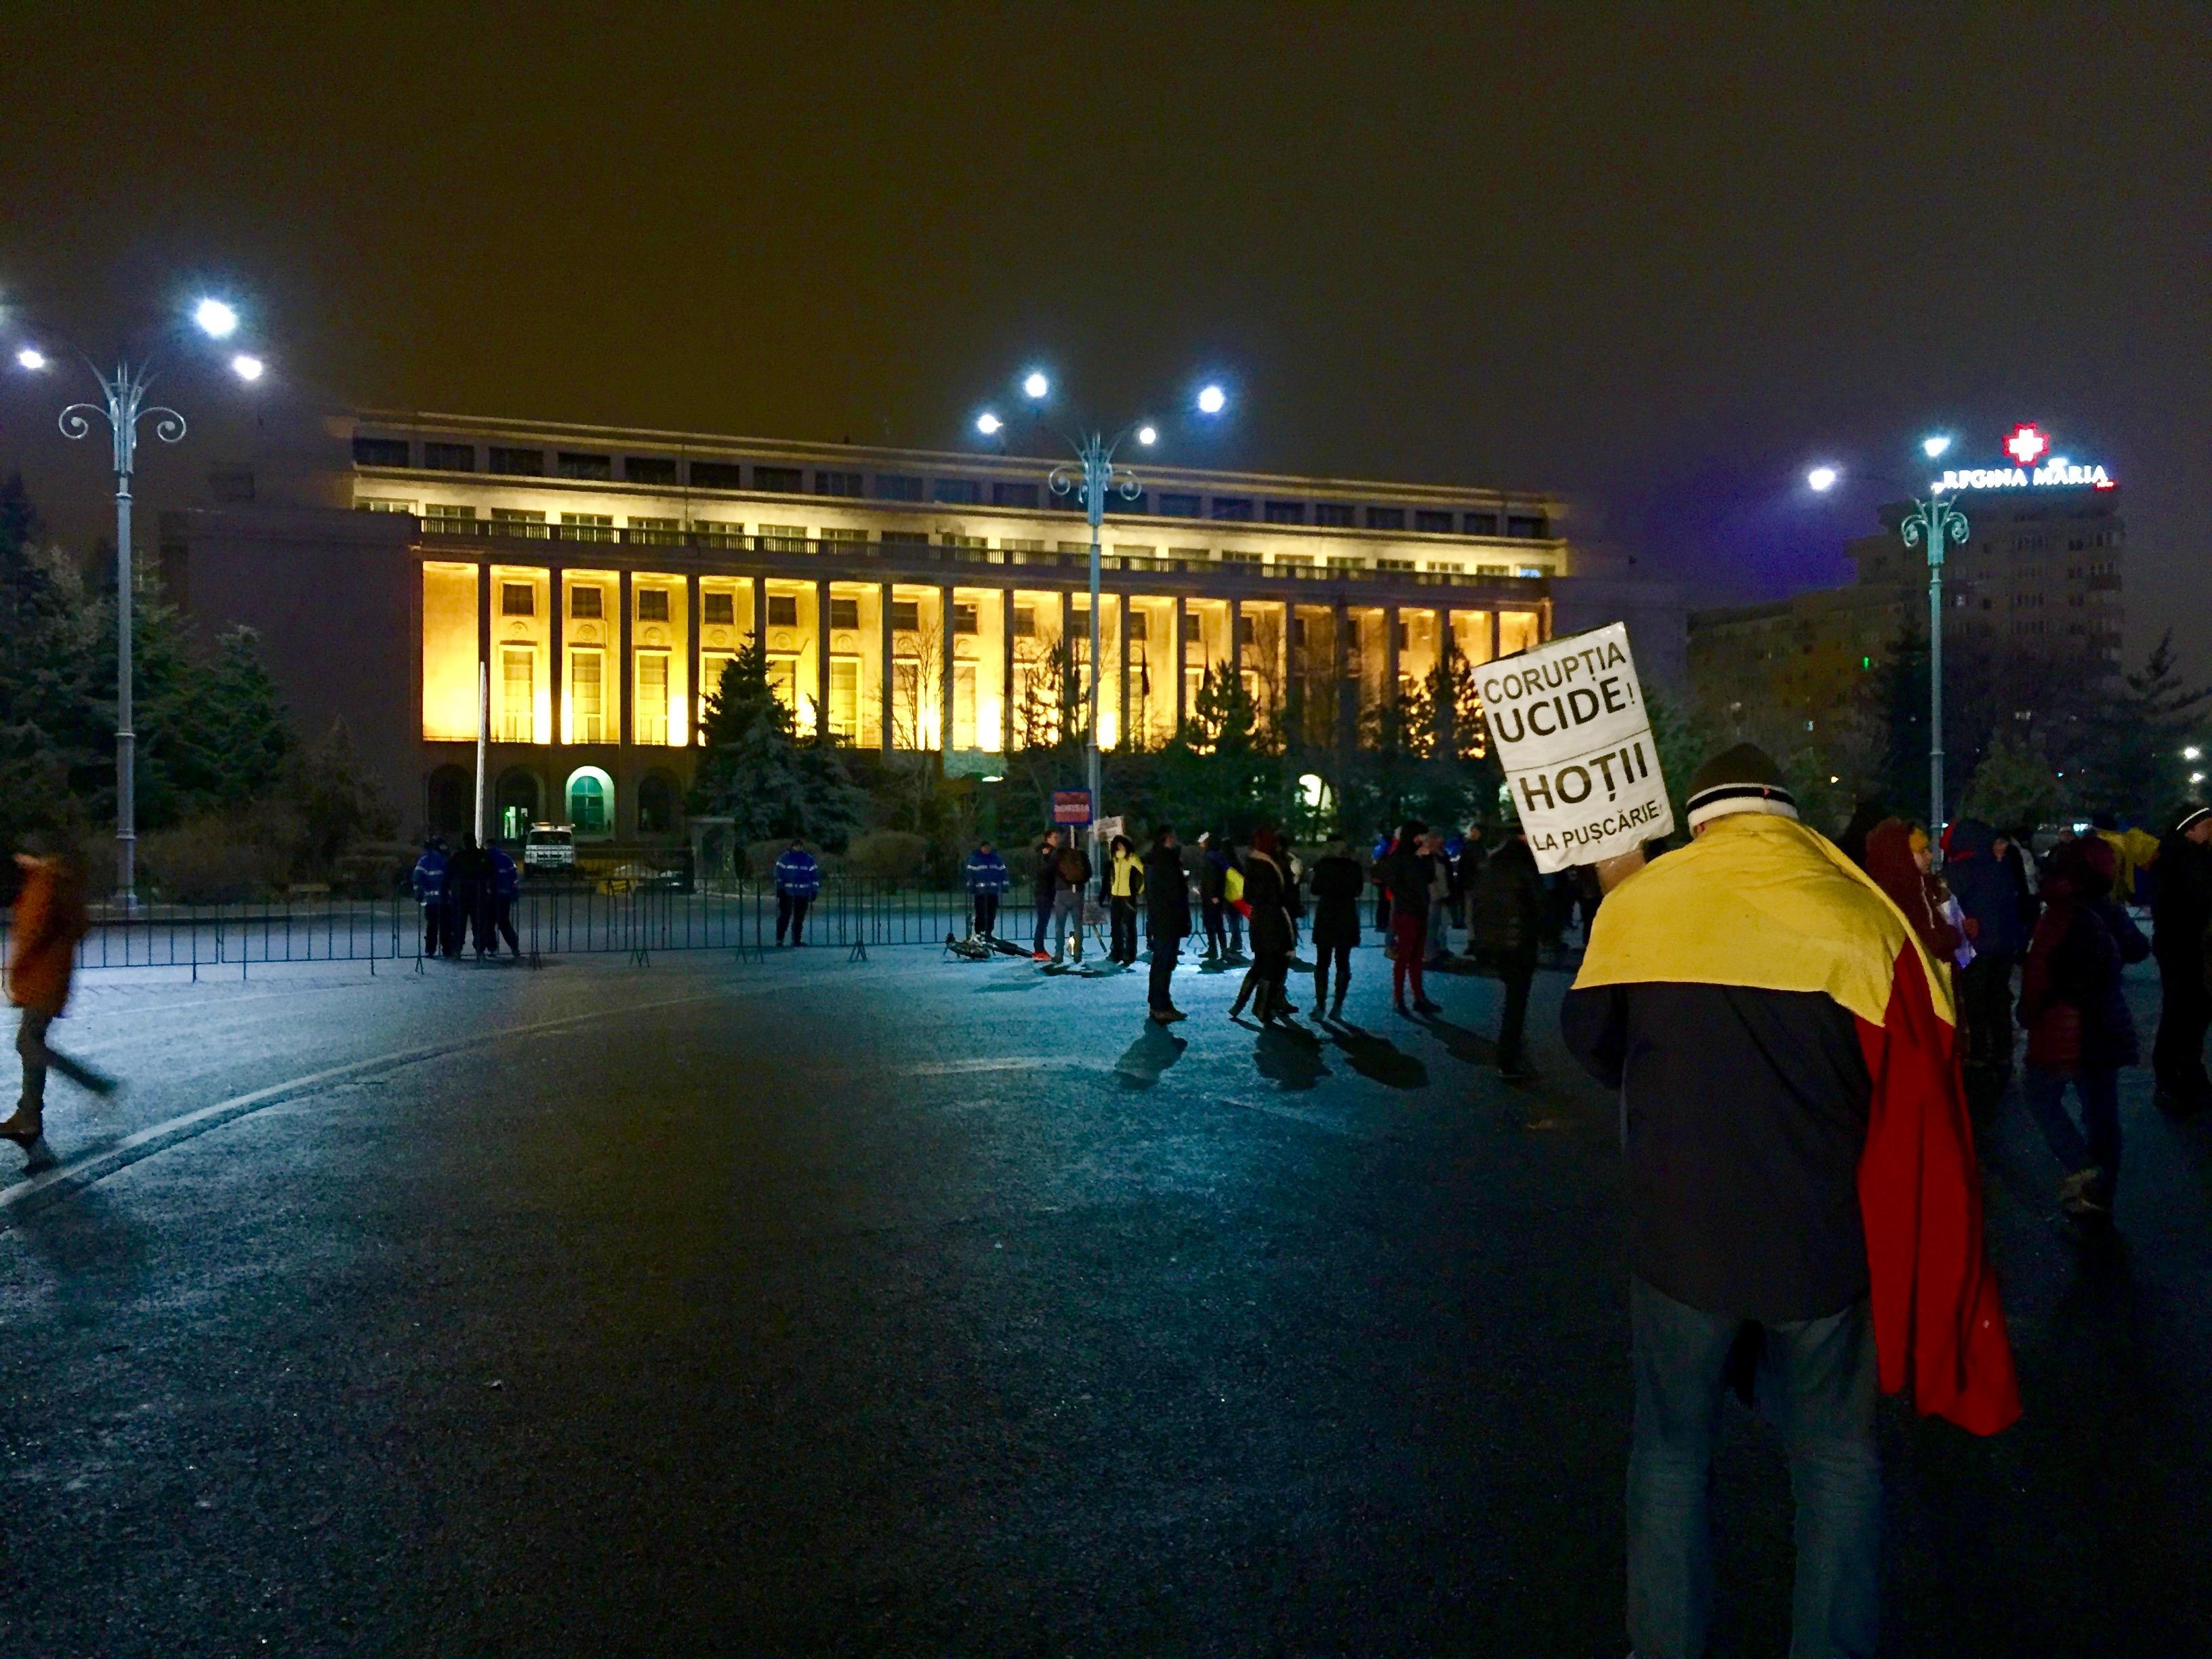 Corruption à tous les niveaux : le ras-le-bol des Roumains